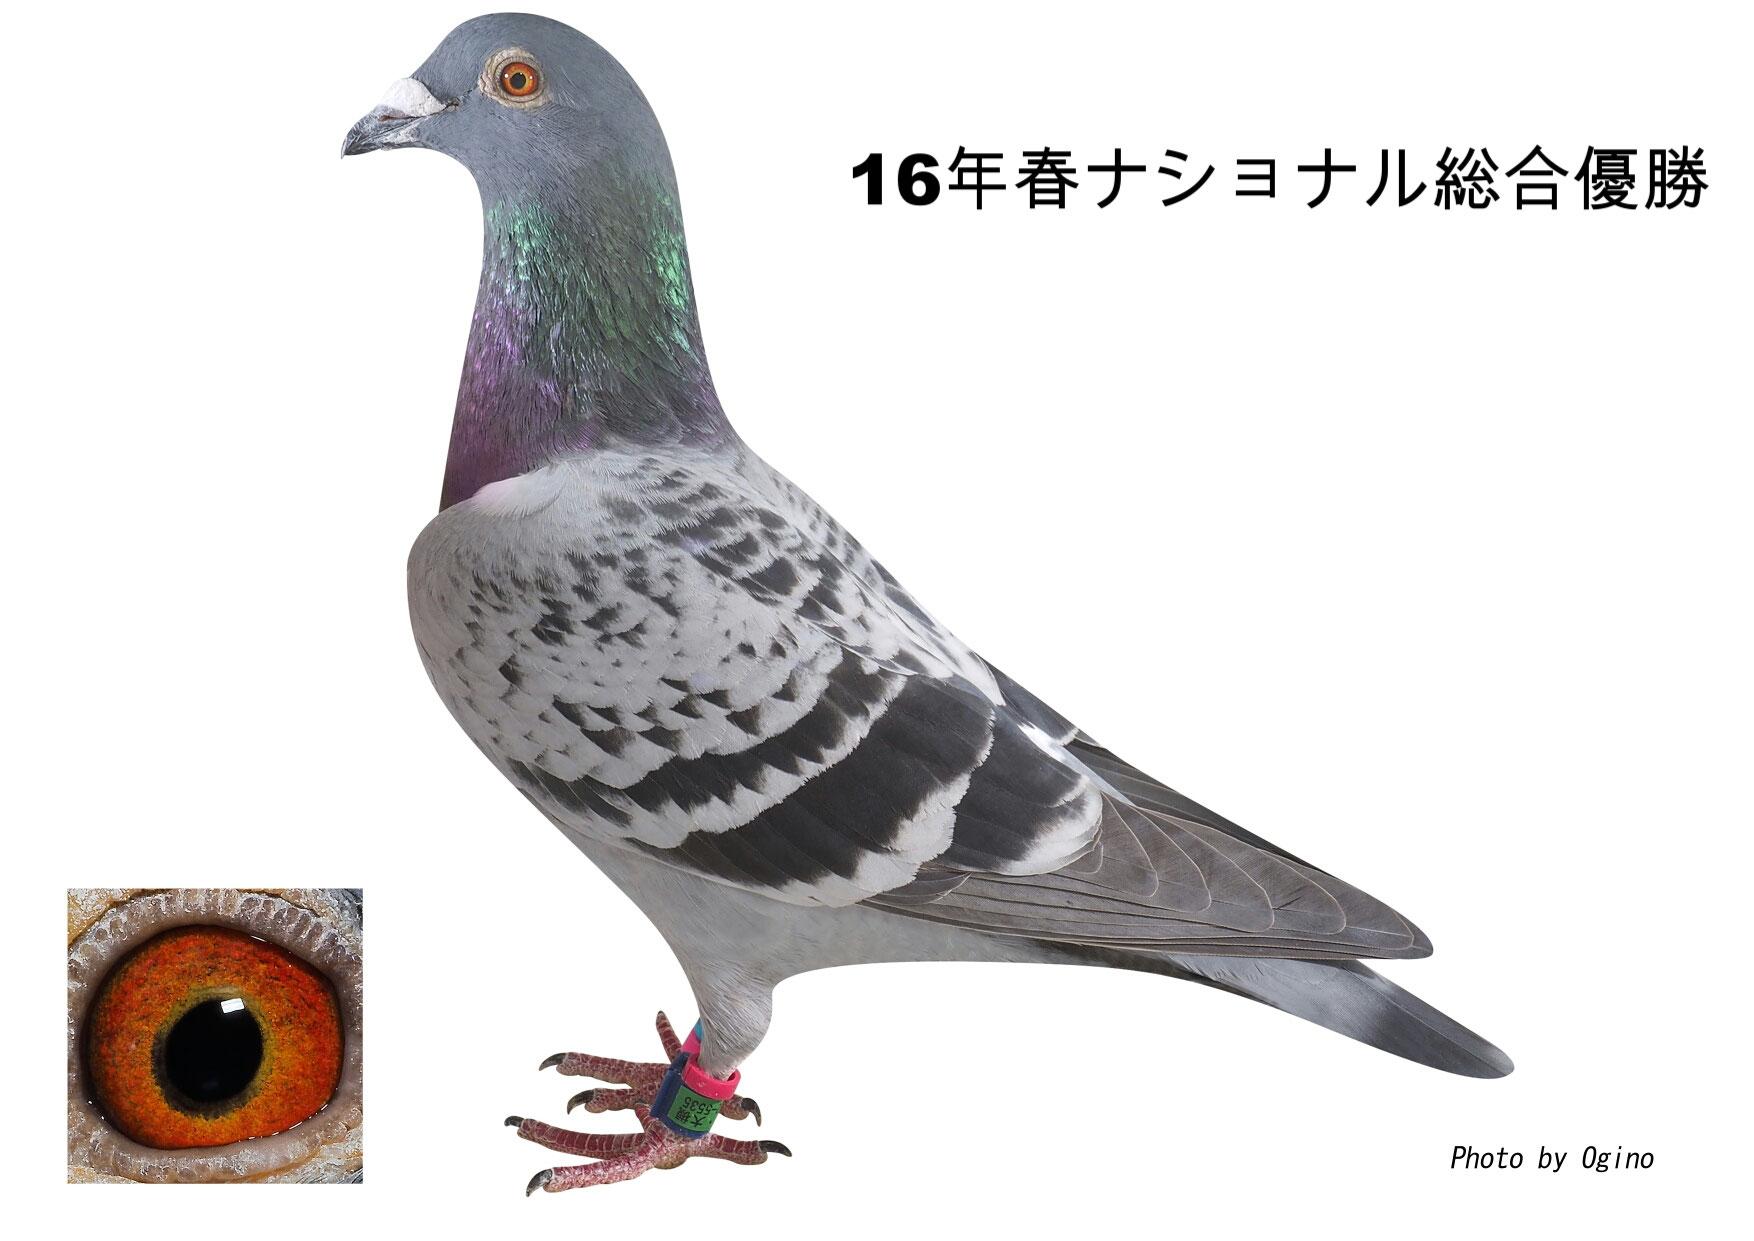 鳩 ブログ レース ヤマネットインターナショナル・ブログ